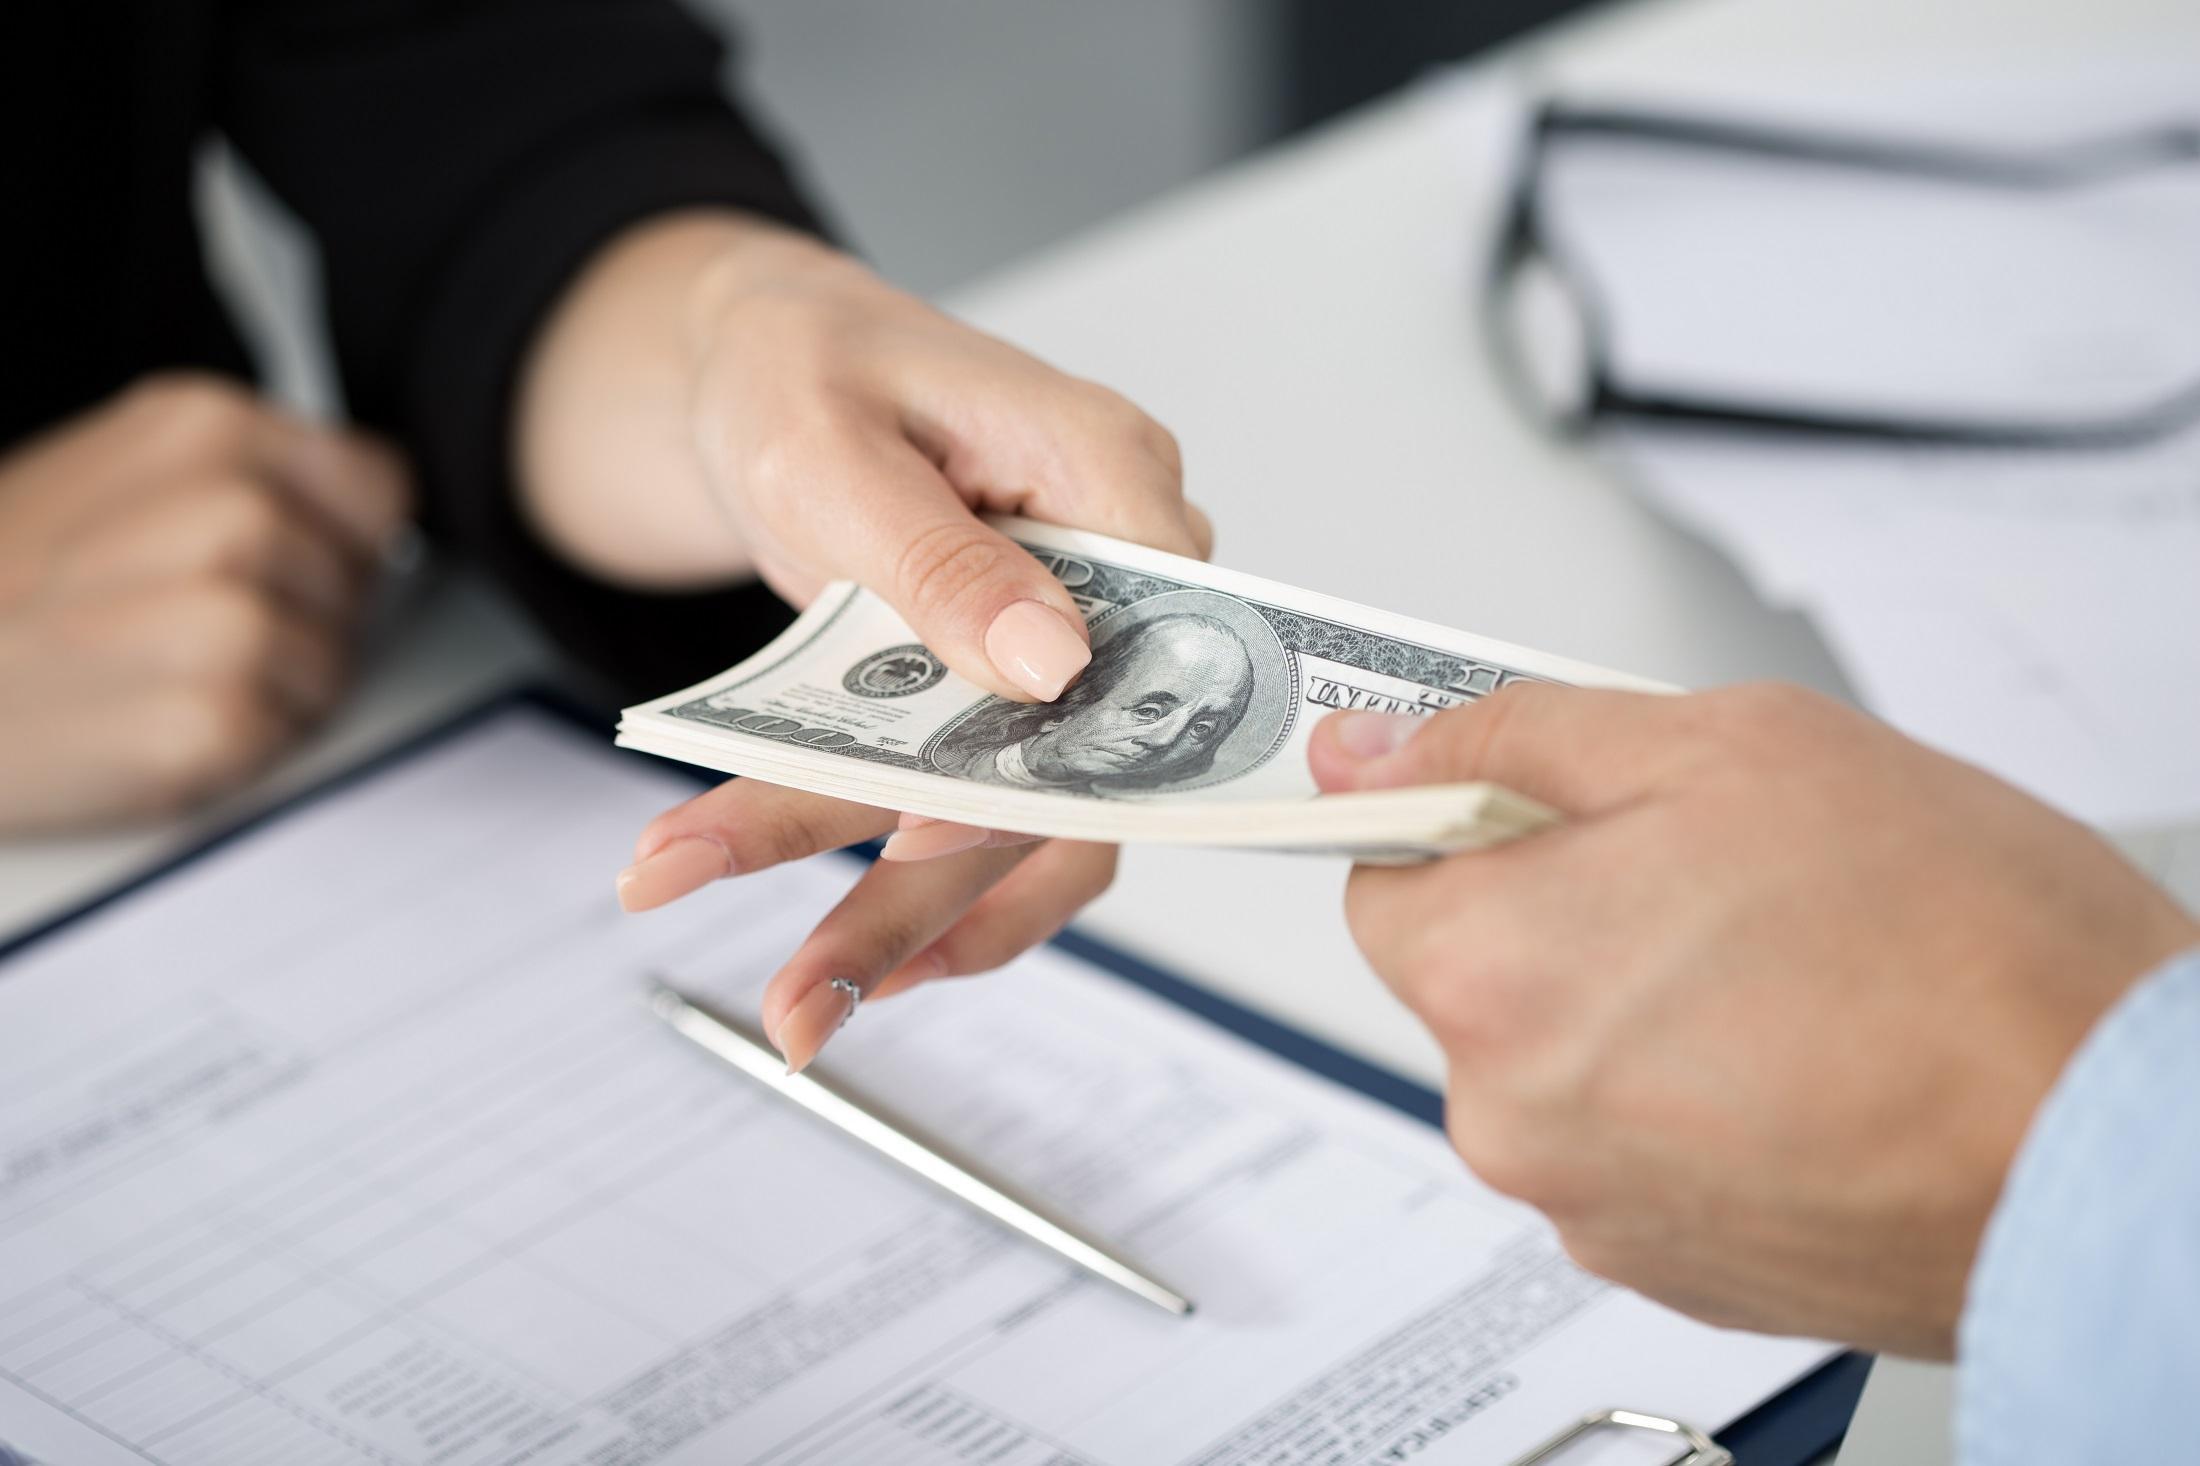 Điều cấm kỵ dịp tết 1: Vay mượn hoặc trả nợ đầu năm